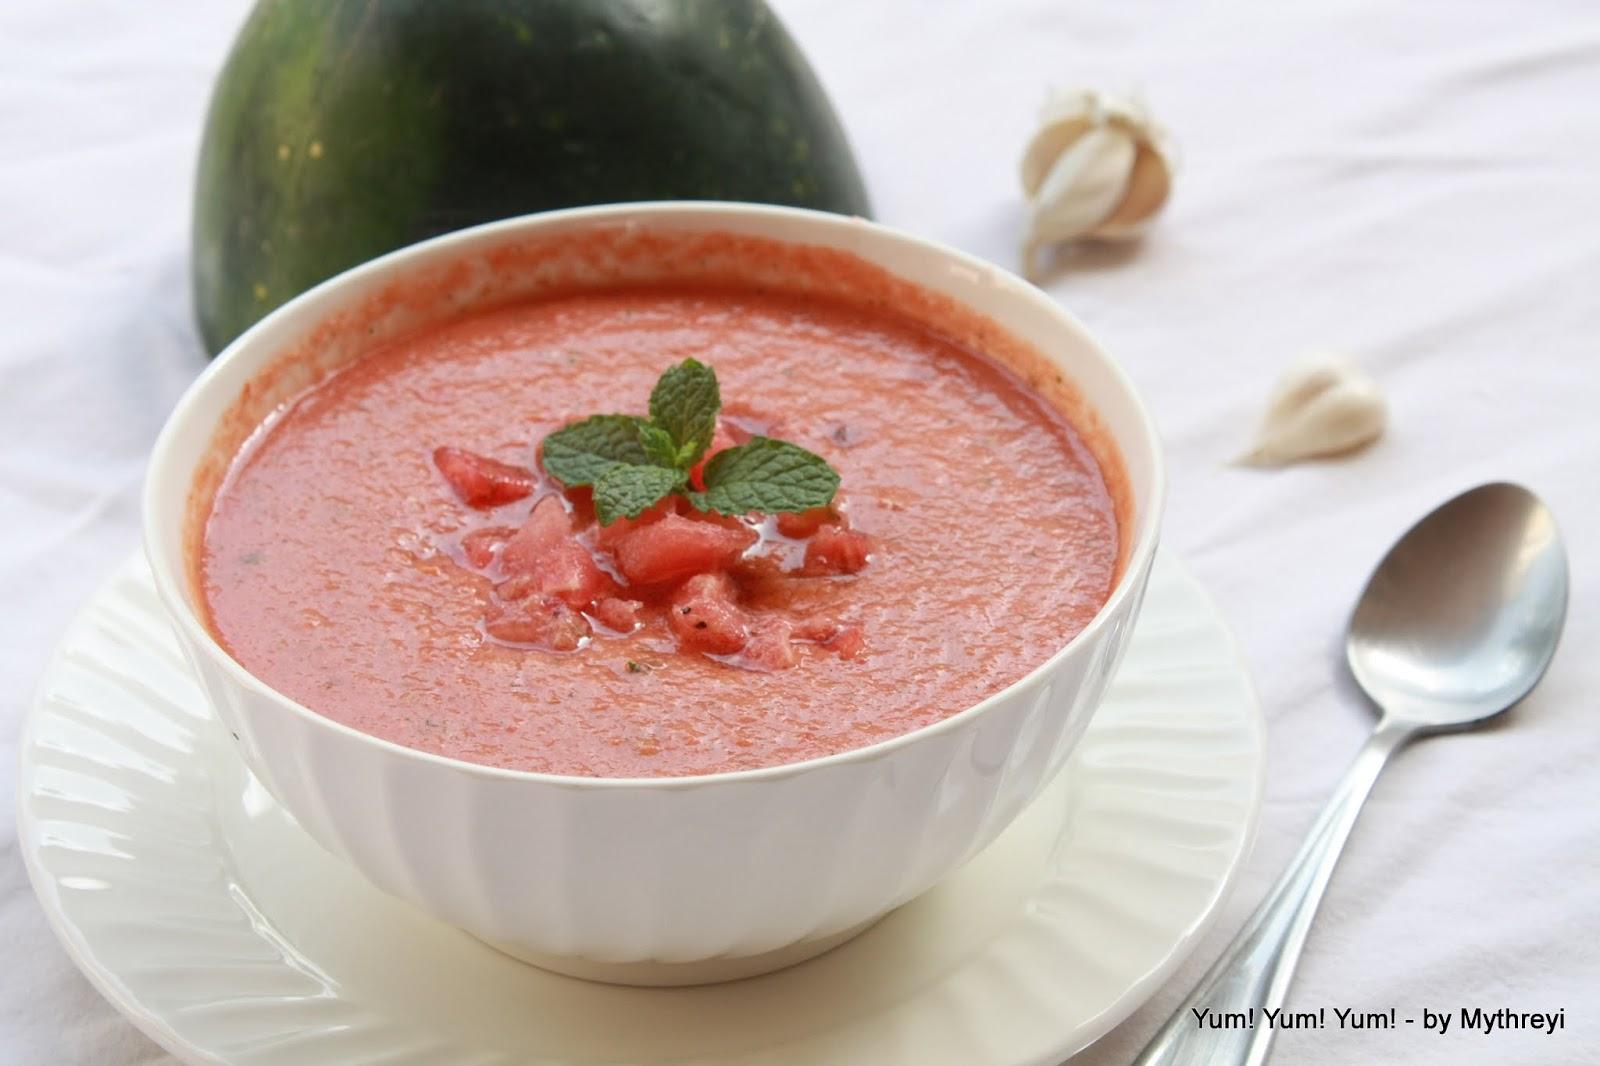 Yum! Yum! Yum!: Watermelon Gazpacho